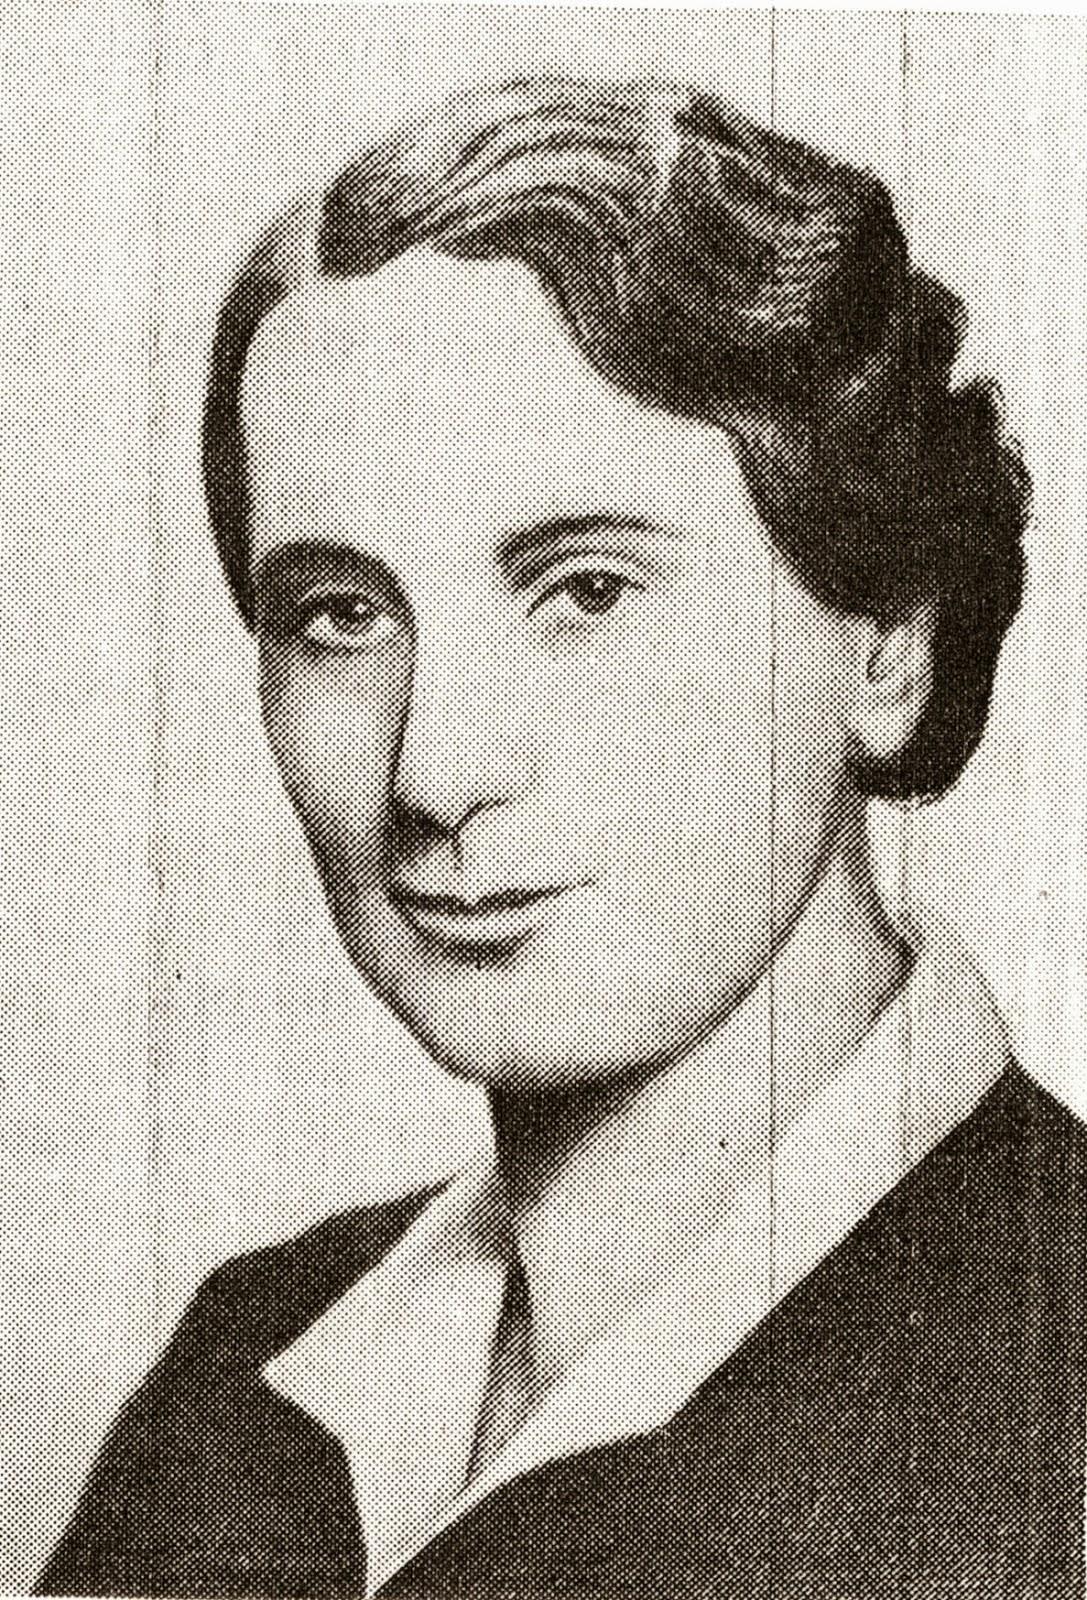 Dr medycyny Zofia Górka (1894 - 1957).